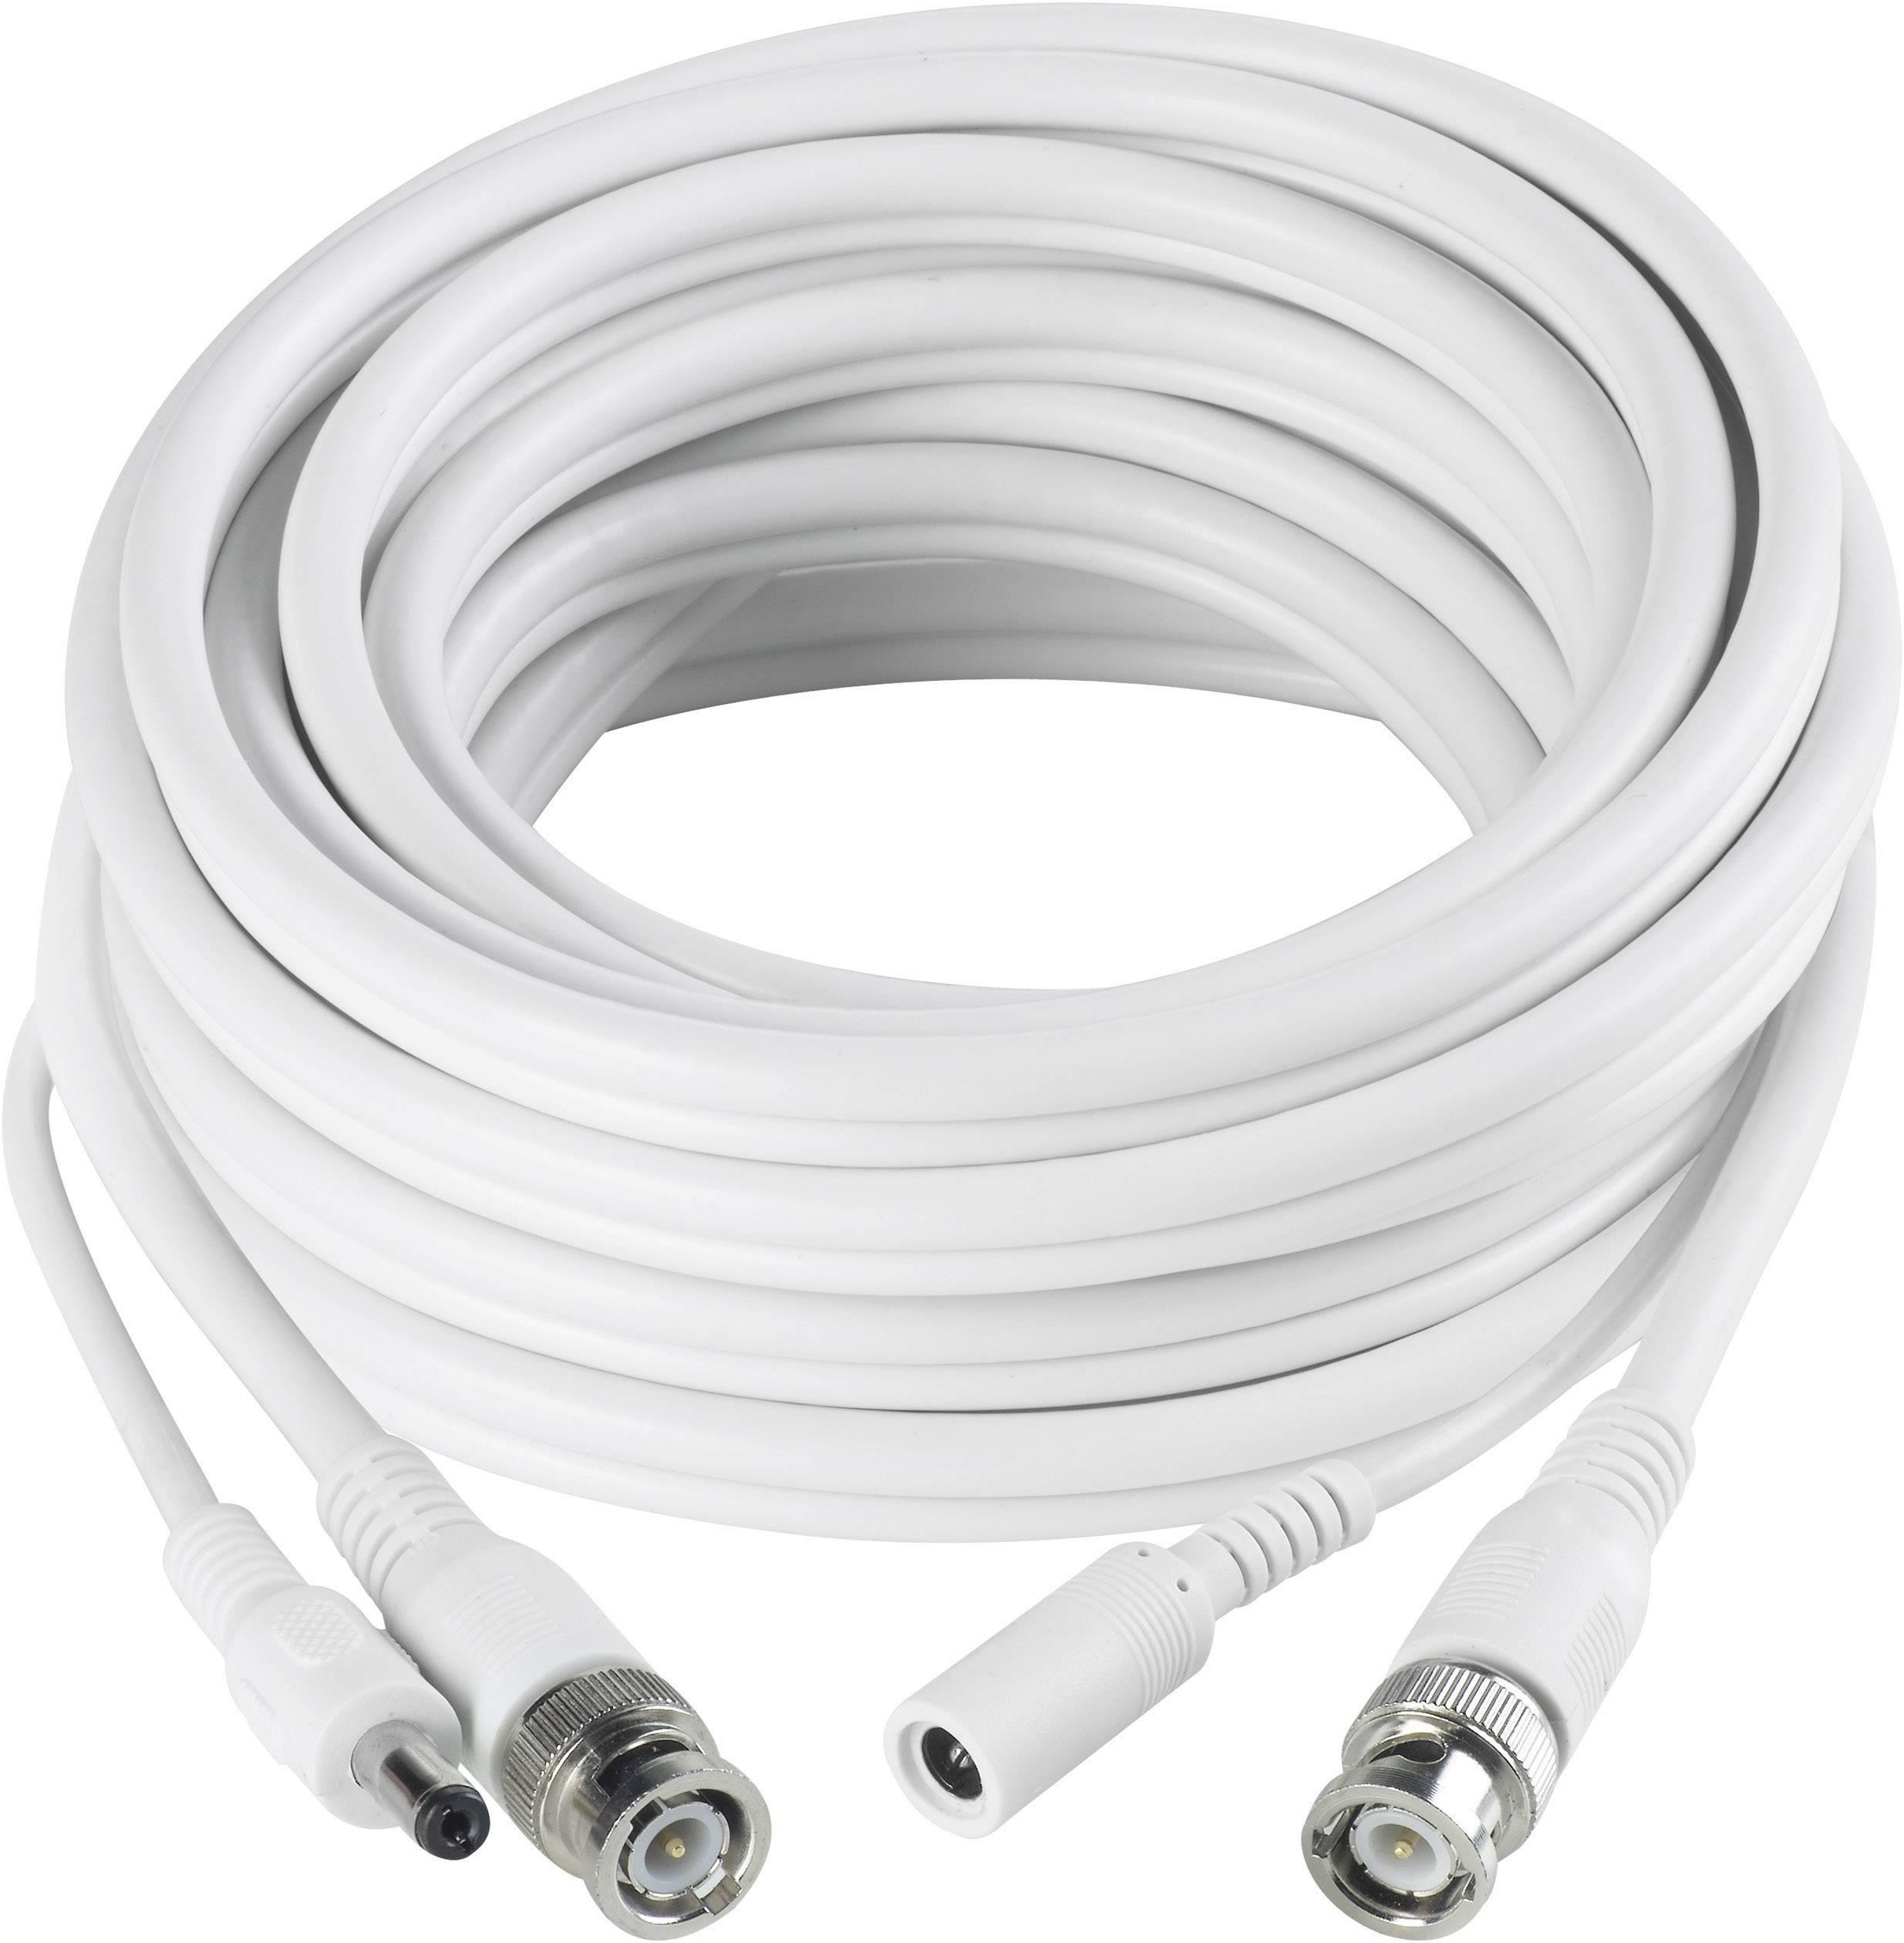 Video predlžovací kábel Sygonix, 1x BNC, 1x DC IN ⇔ 1x BNC, 1x DC OUT, 20 m, biely